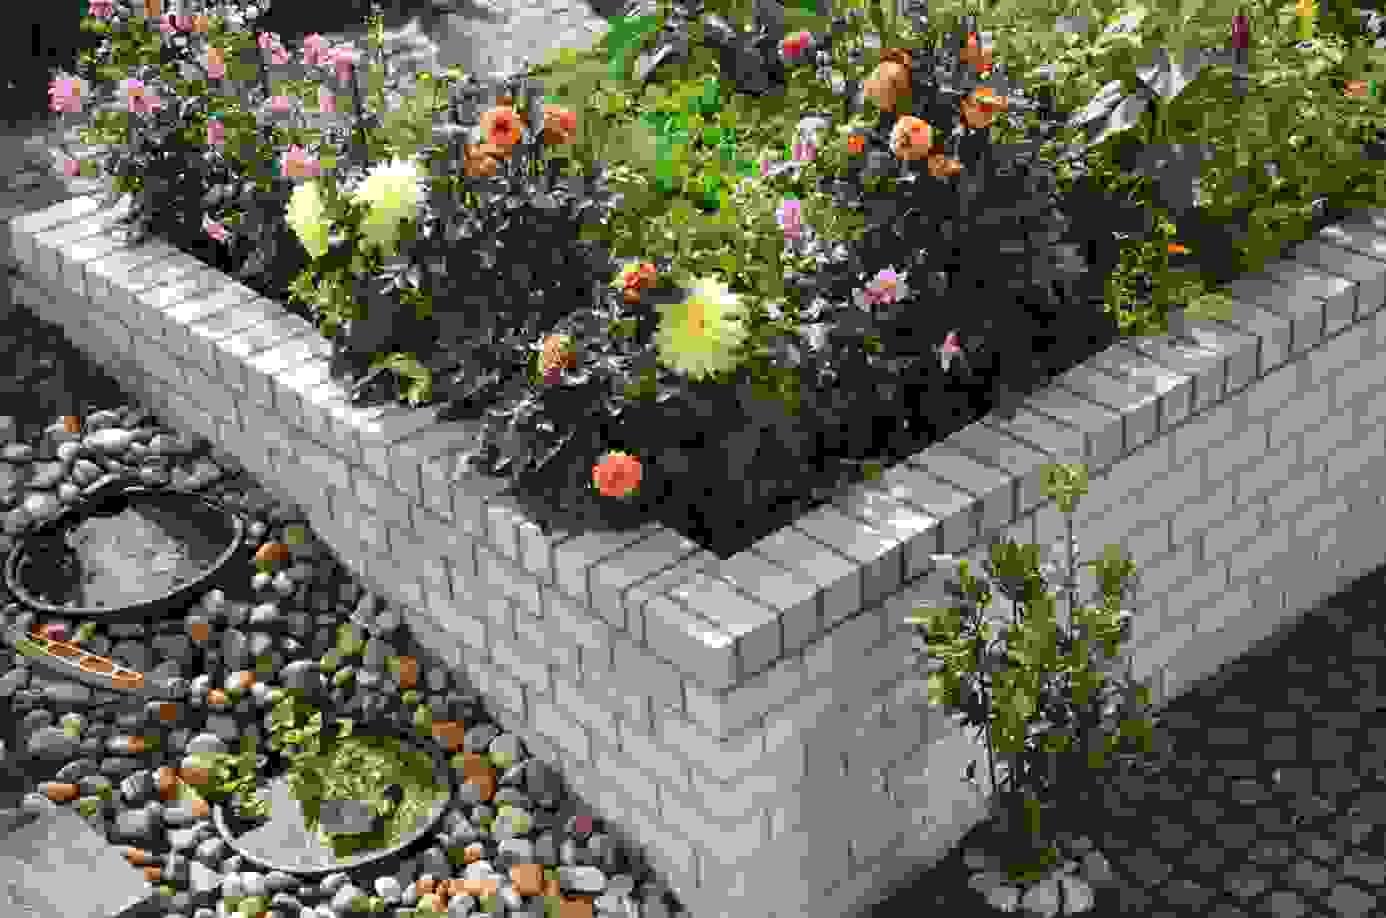 Mein Schöner Garten Foto & Bild Ist Luxus Design Von Mein Schöner von Mein Schöner Garten Lidl Photo